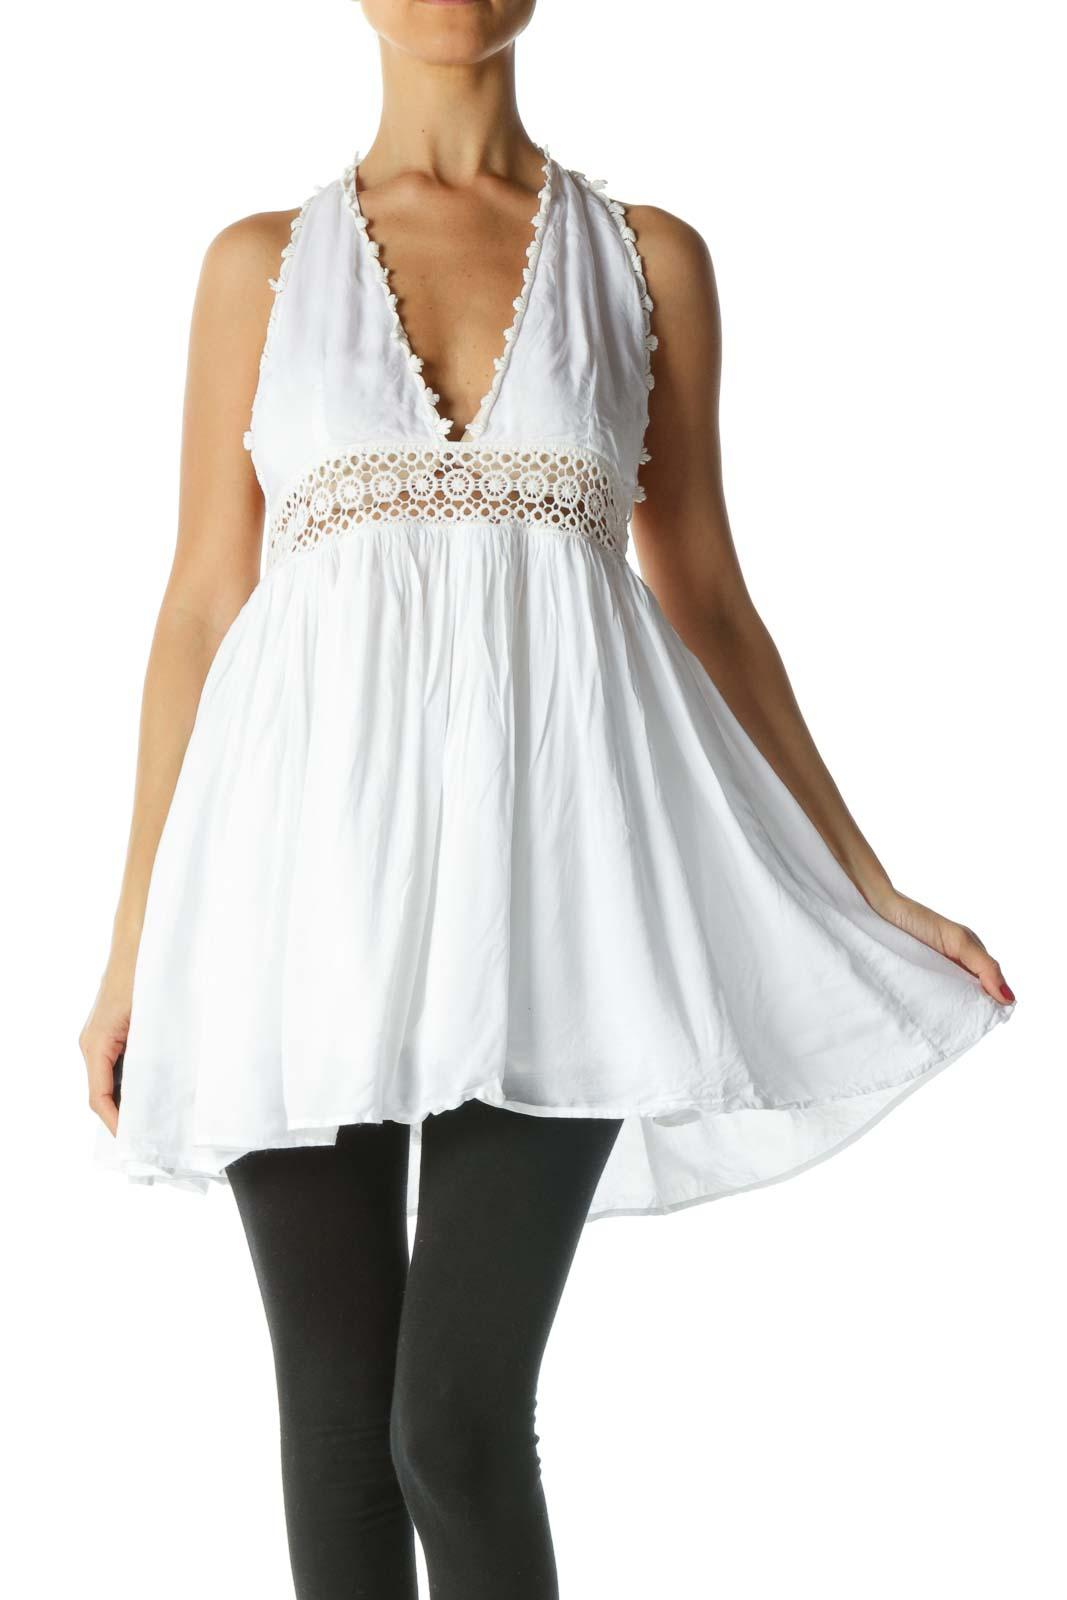 White Cream Crochet Knit Halter Neckline Top